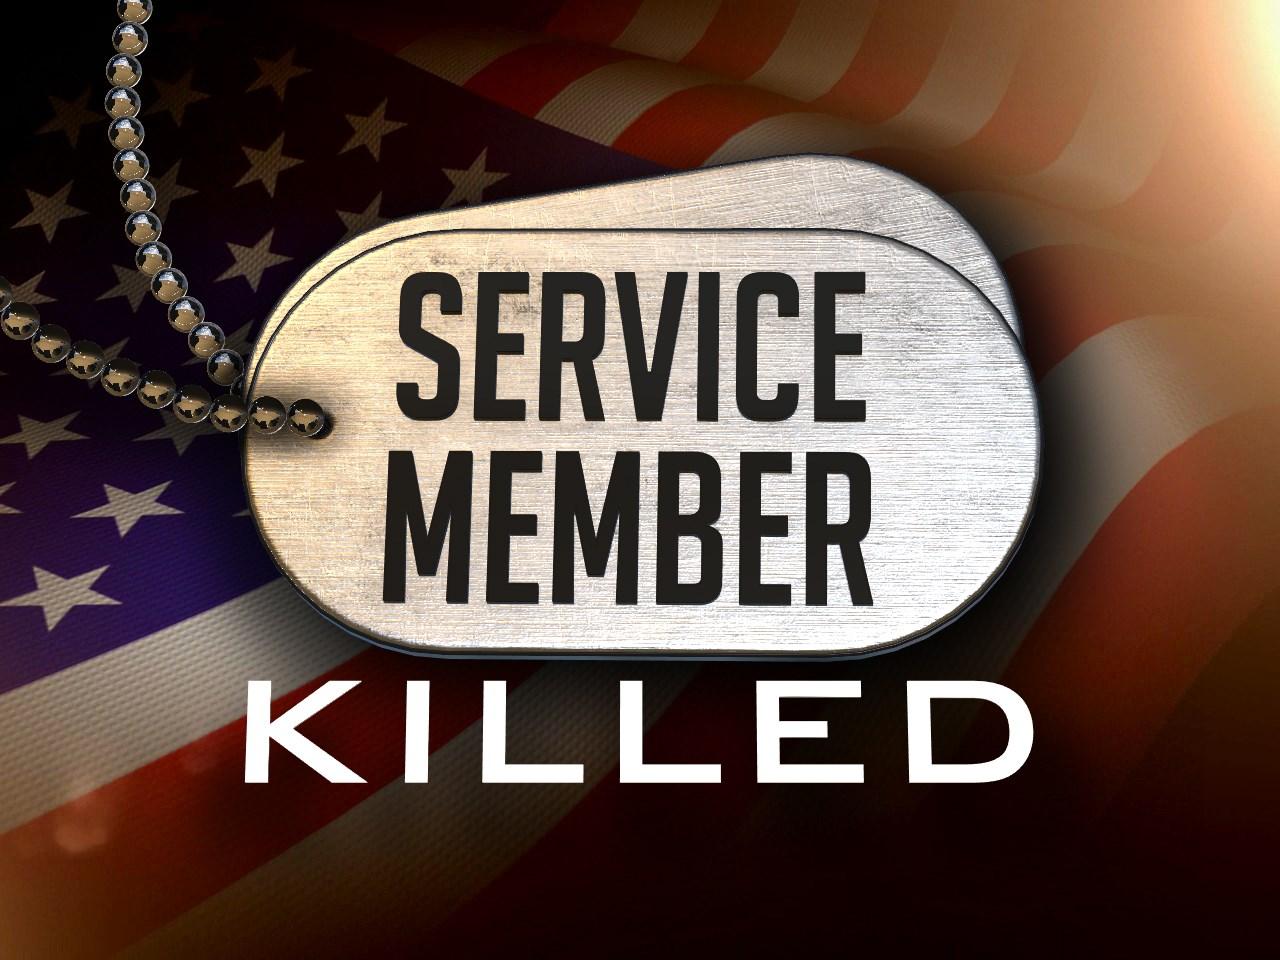 Service Member Killed